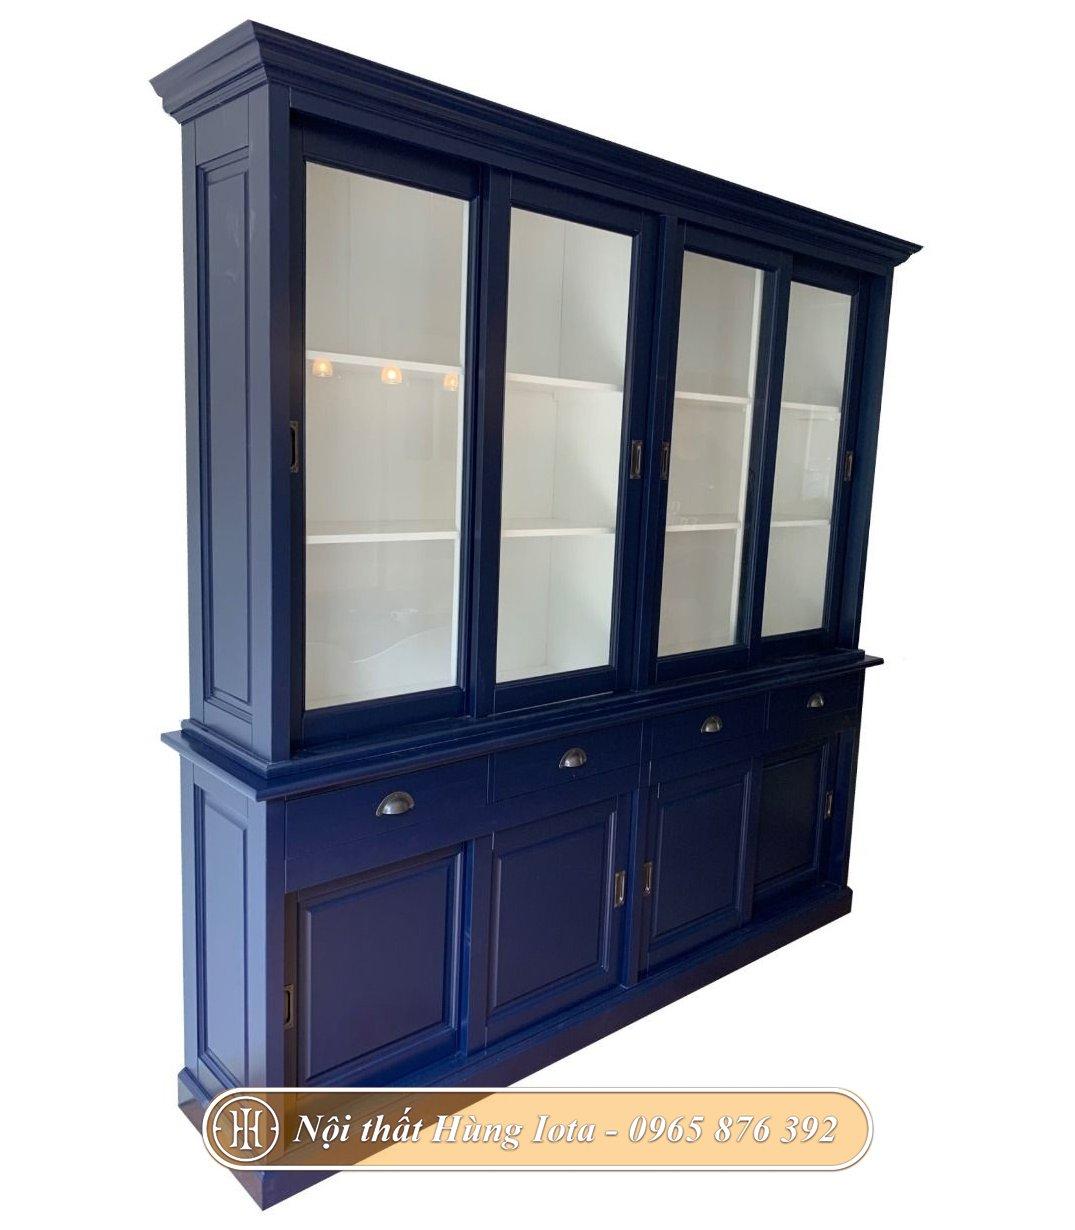 Tủ đựng đồ decor spa màu xanh navy sang trọng